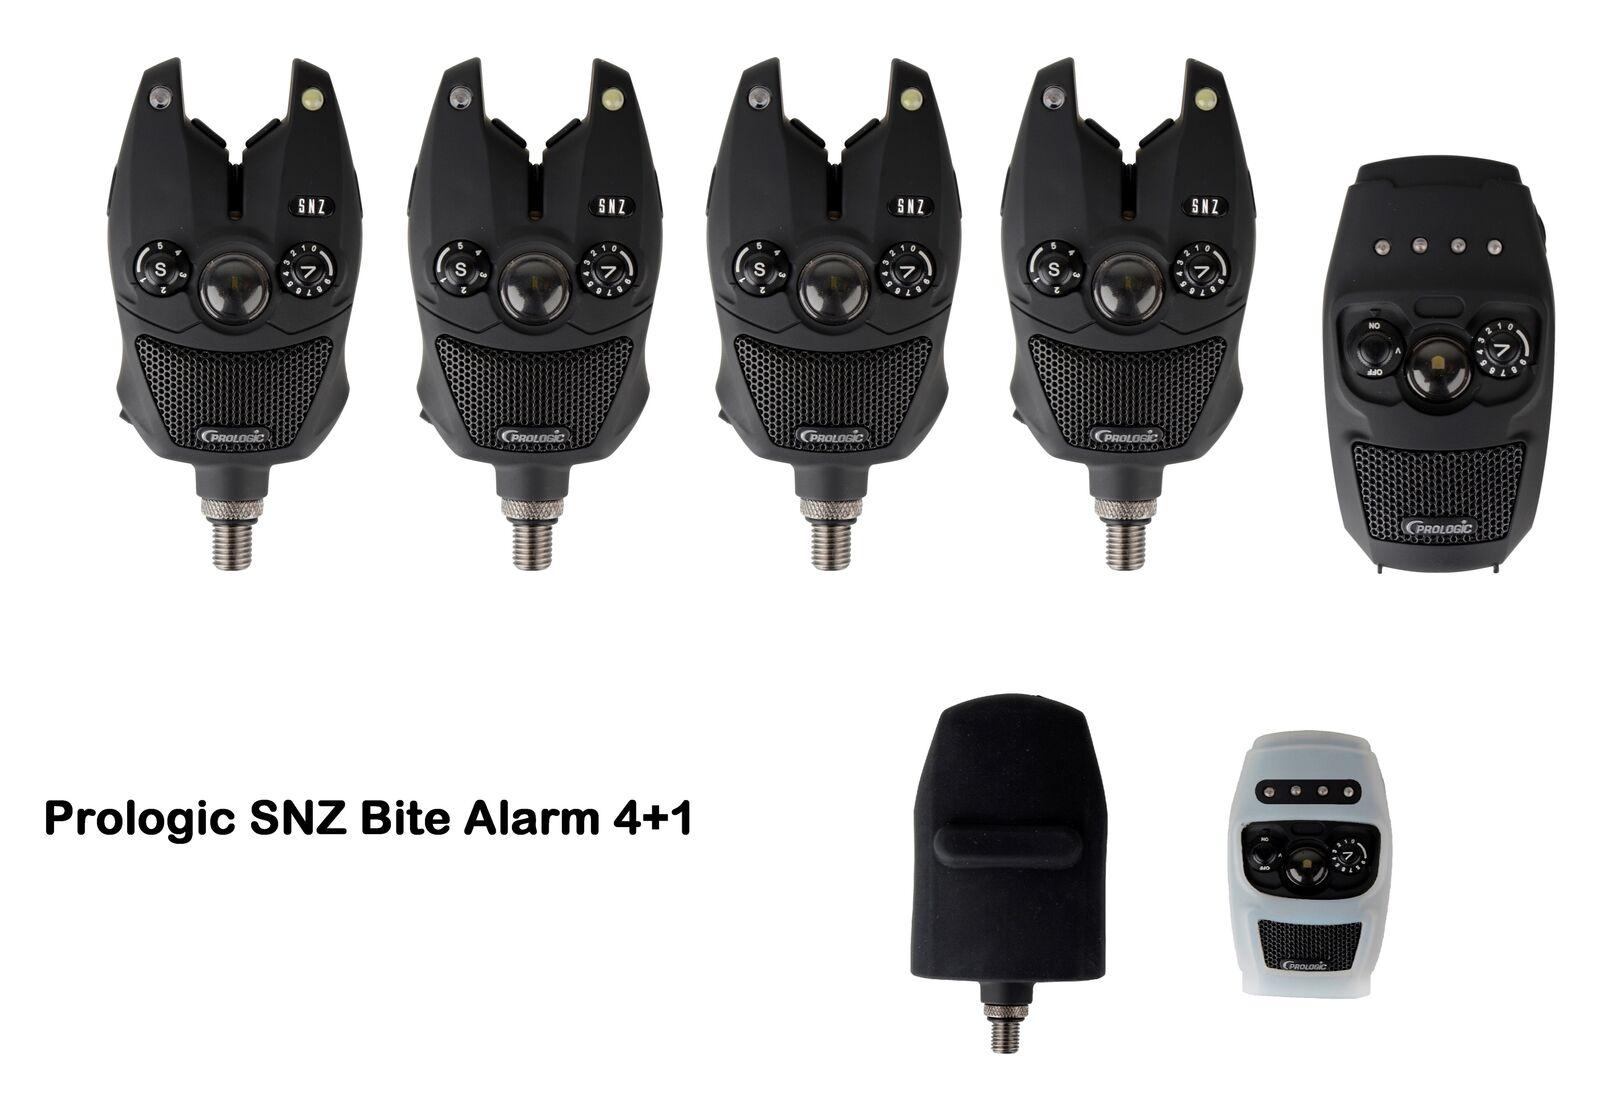 Prologic SNZ Bite Alarm Funkbissanzeiger 4+1 mit Koffer Case Schutzhülle Funkset